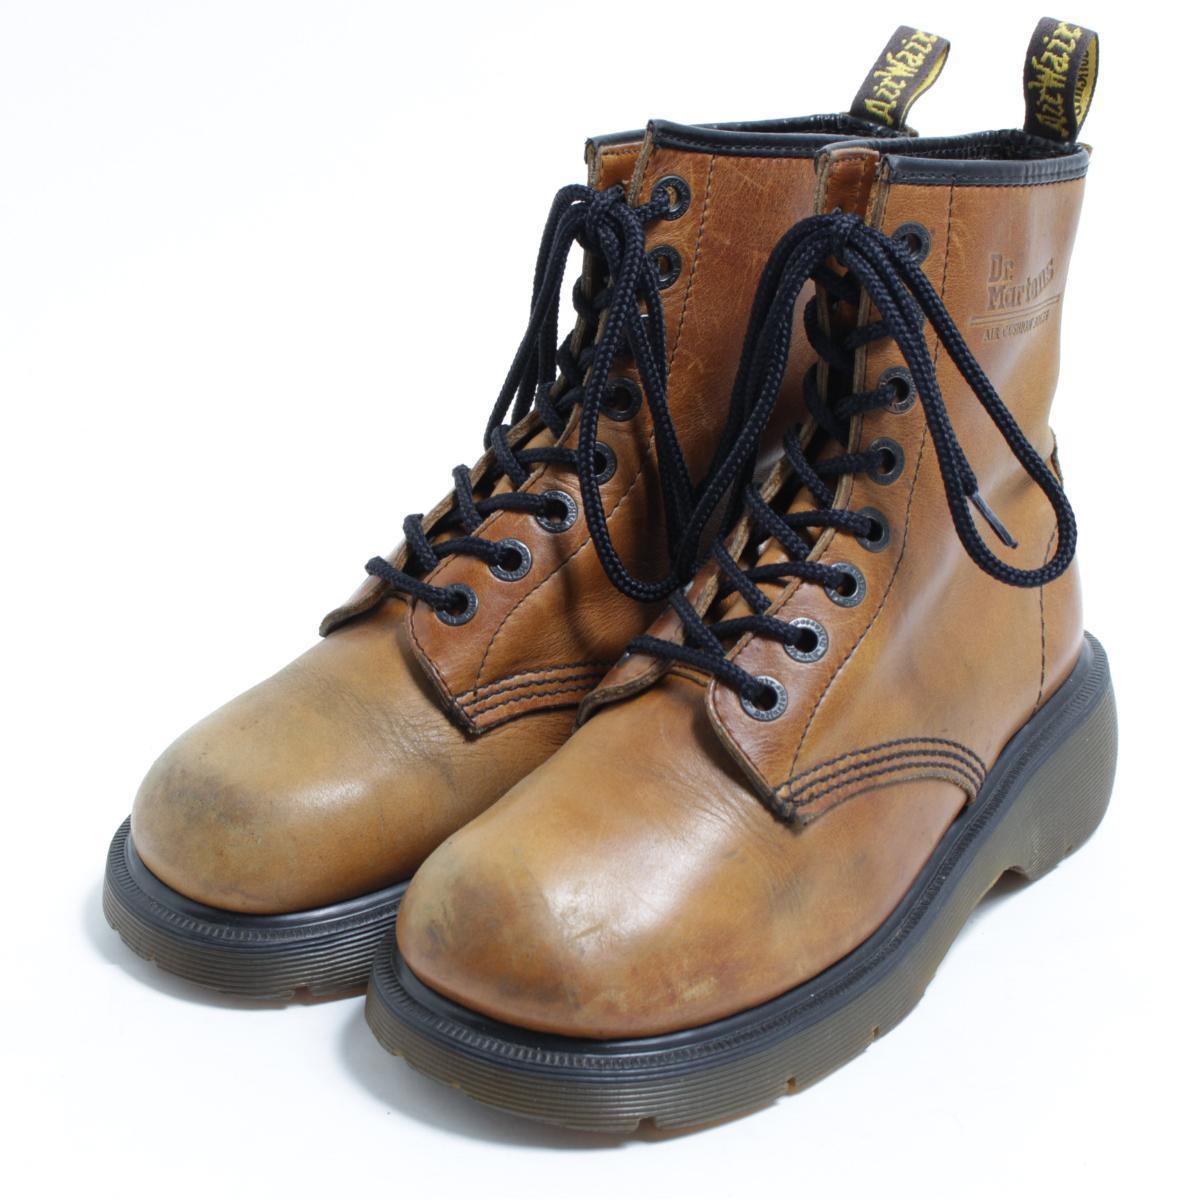 ドクターマーチン Dr.Martens 8ホールブーツ 英国製 UK5 レディース23.5cm /bom9568 【中古】【古着屋JAM】 【180629】